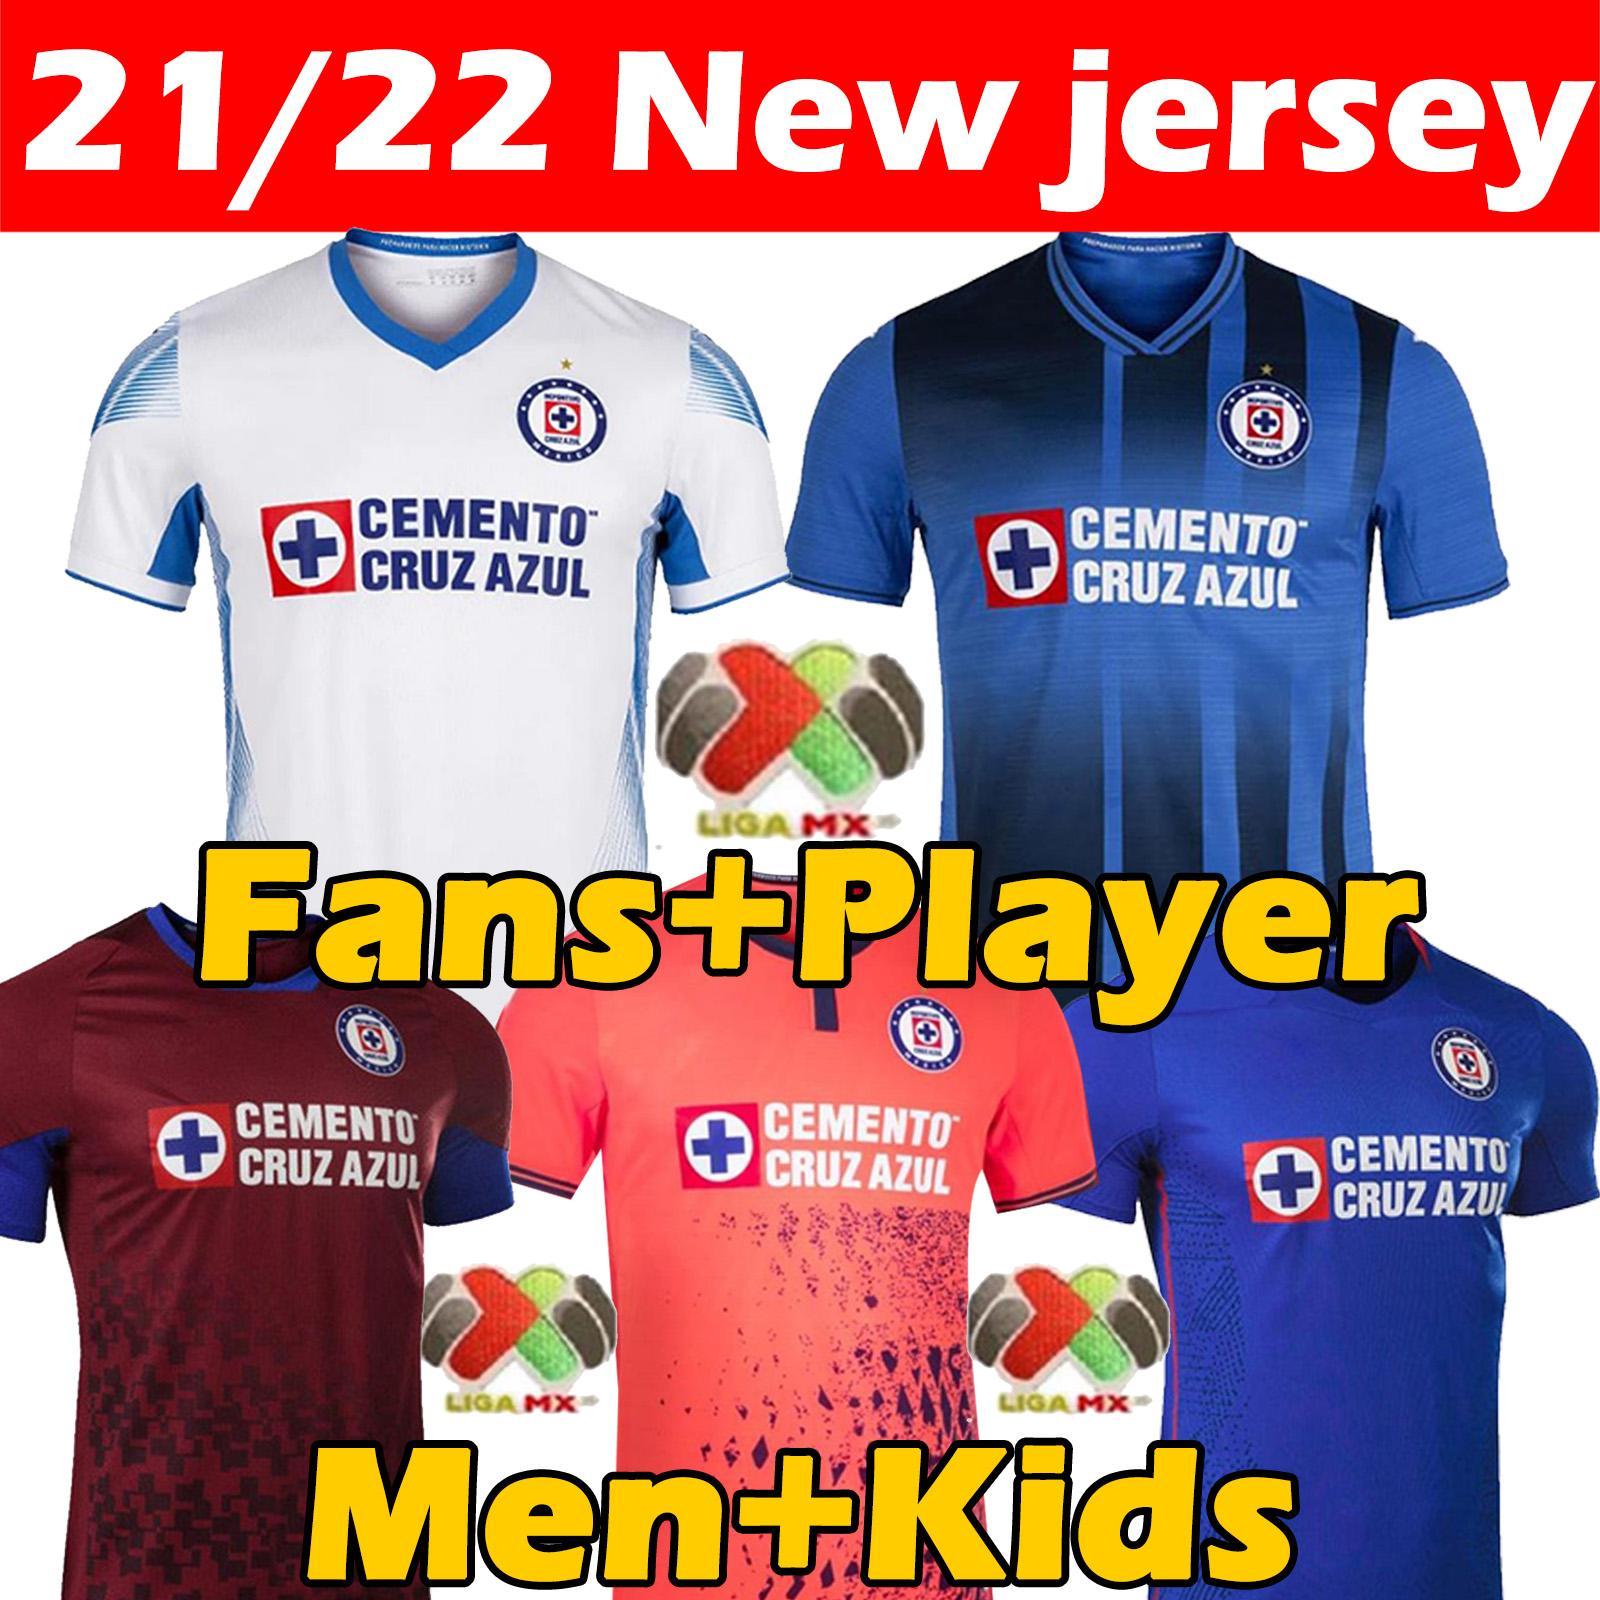 21/22 Liga MX Cruz Azul Campeones Soccer Jersey Fanter Player Версия Специальное MOMERATION EDITION FUTBOL CLUB CAMISETA DE FúTBOL 2021 2022 Мужчины детская футболка